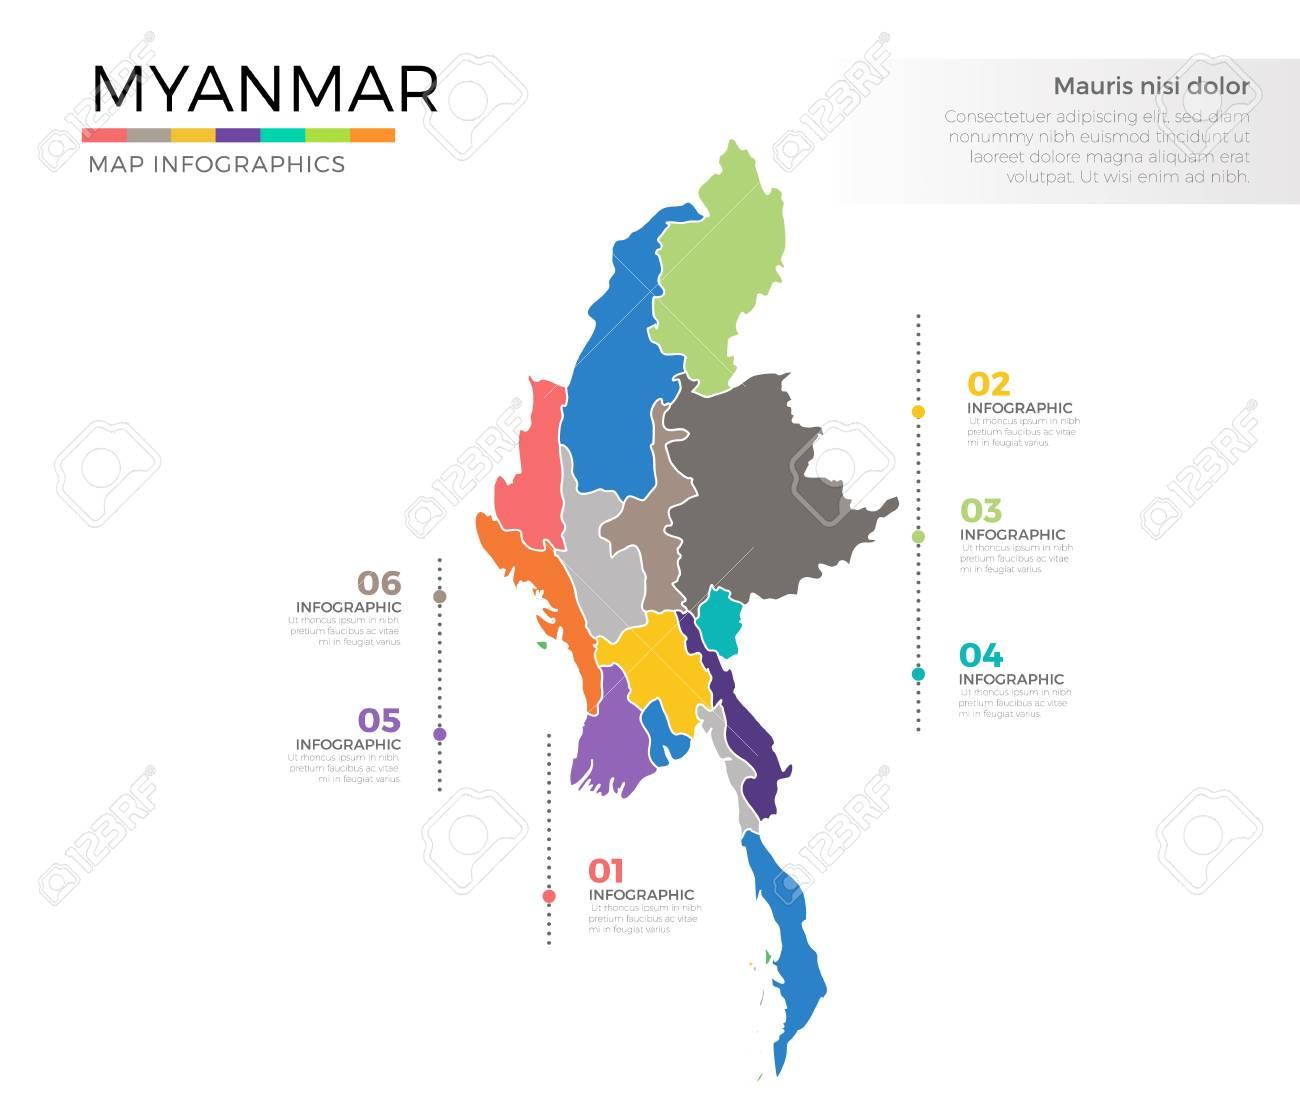 Birmanie Carte Regions.Myanmar Pays Carte Infographique Couleur Vecteur Modele Avec Des